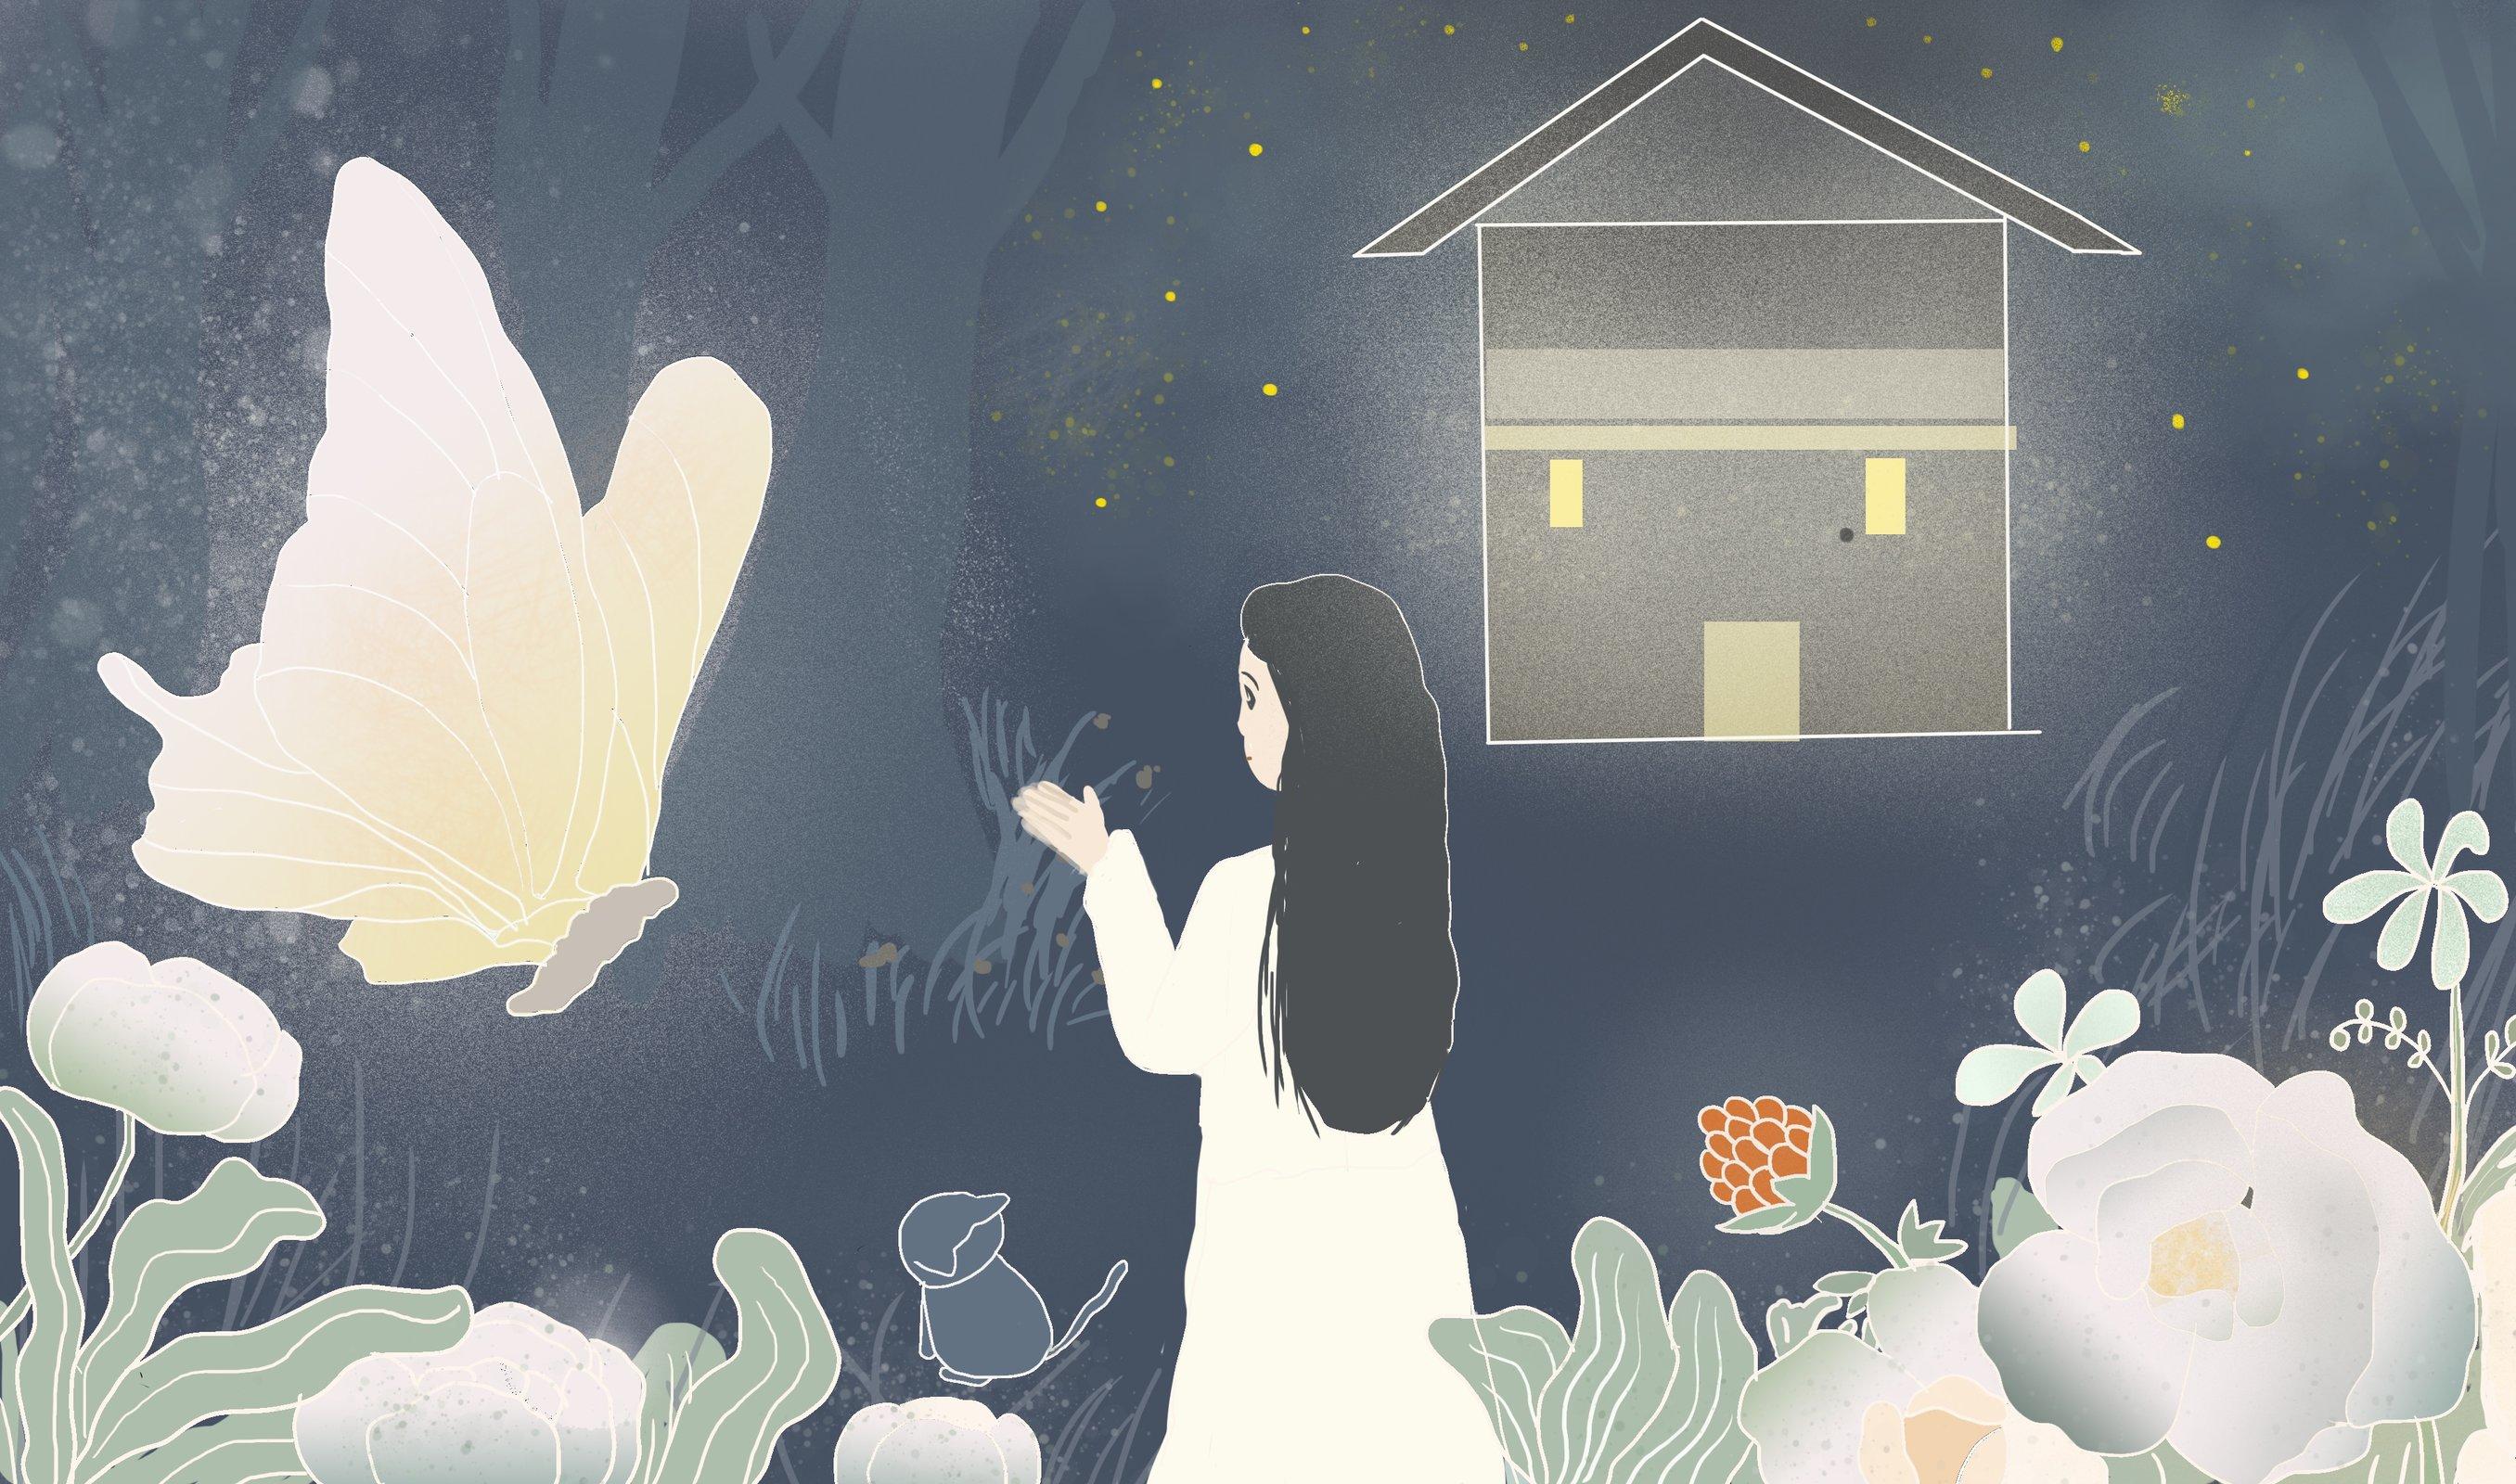 P站画师作品「花园小镇故事」